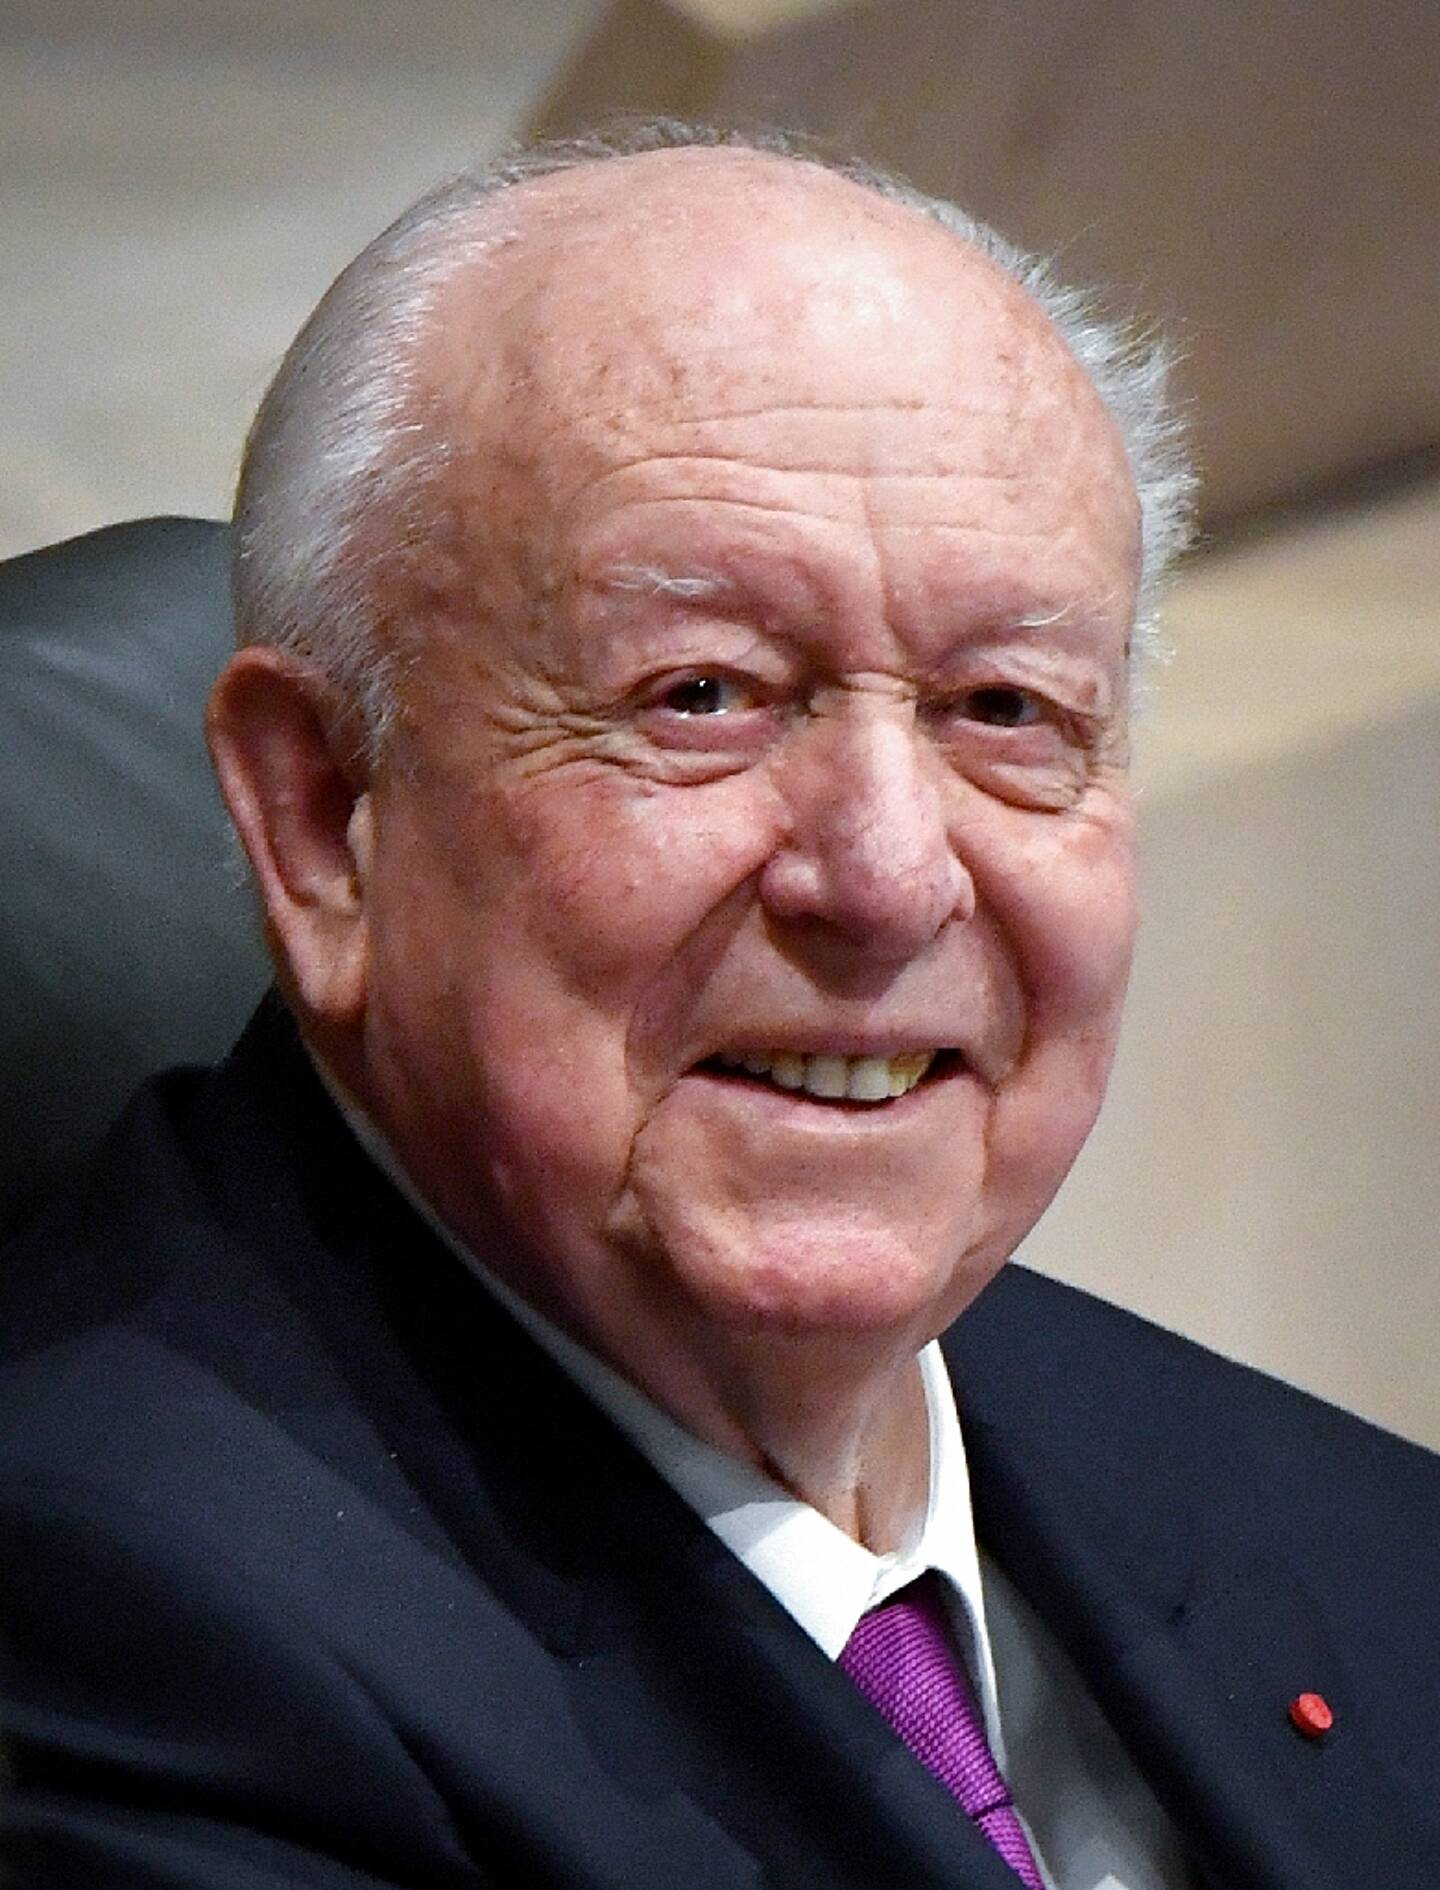 Jean-Claude Gaudin lors de son dernier conseil municipal, à Marseille le 27 janvier 2020